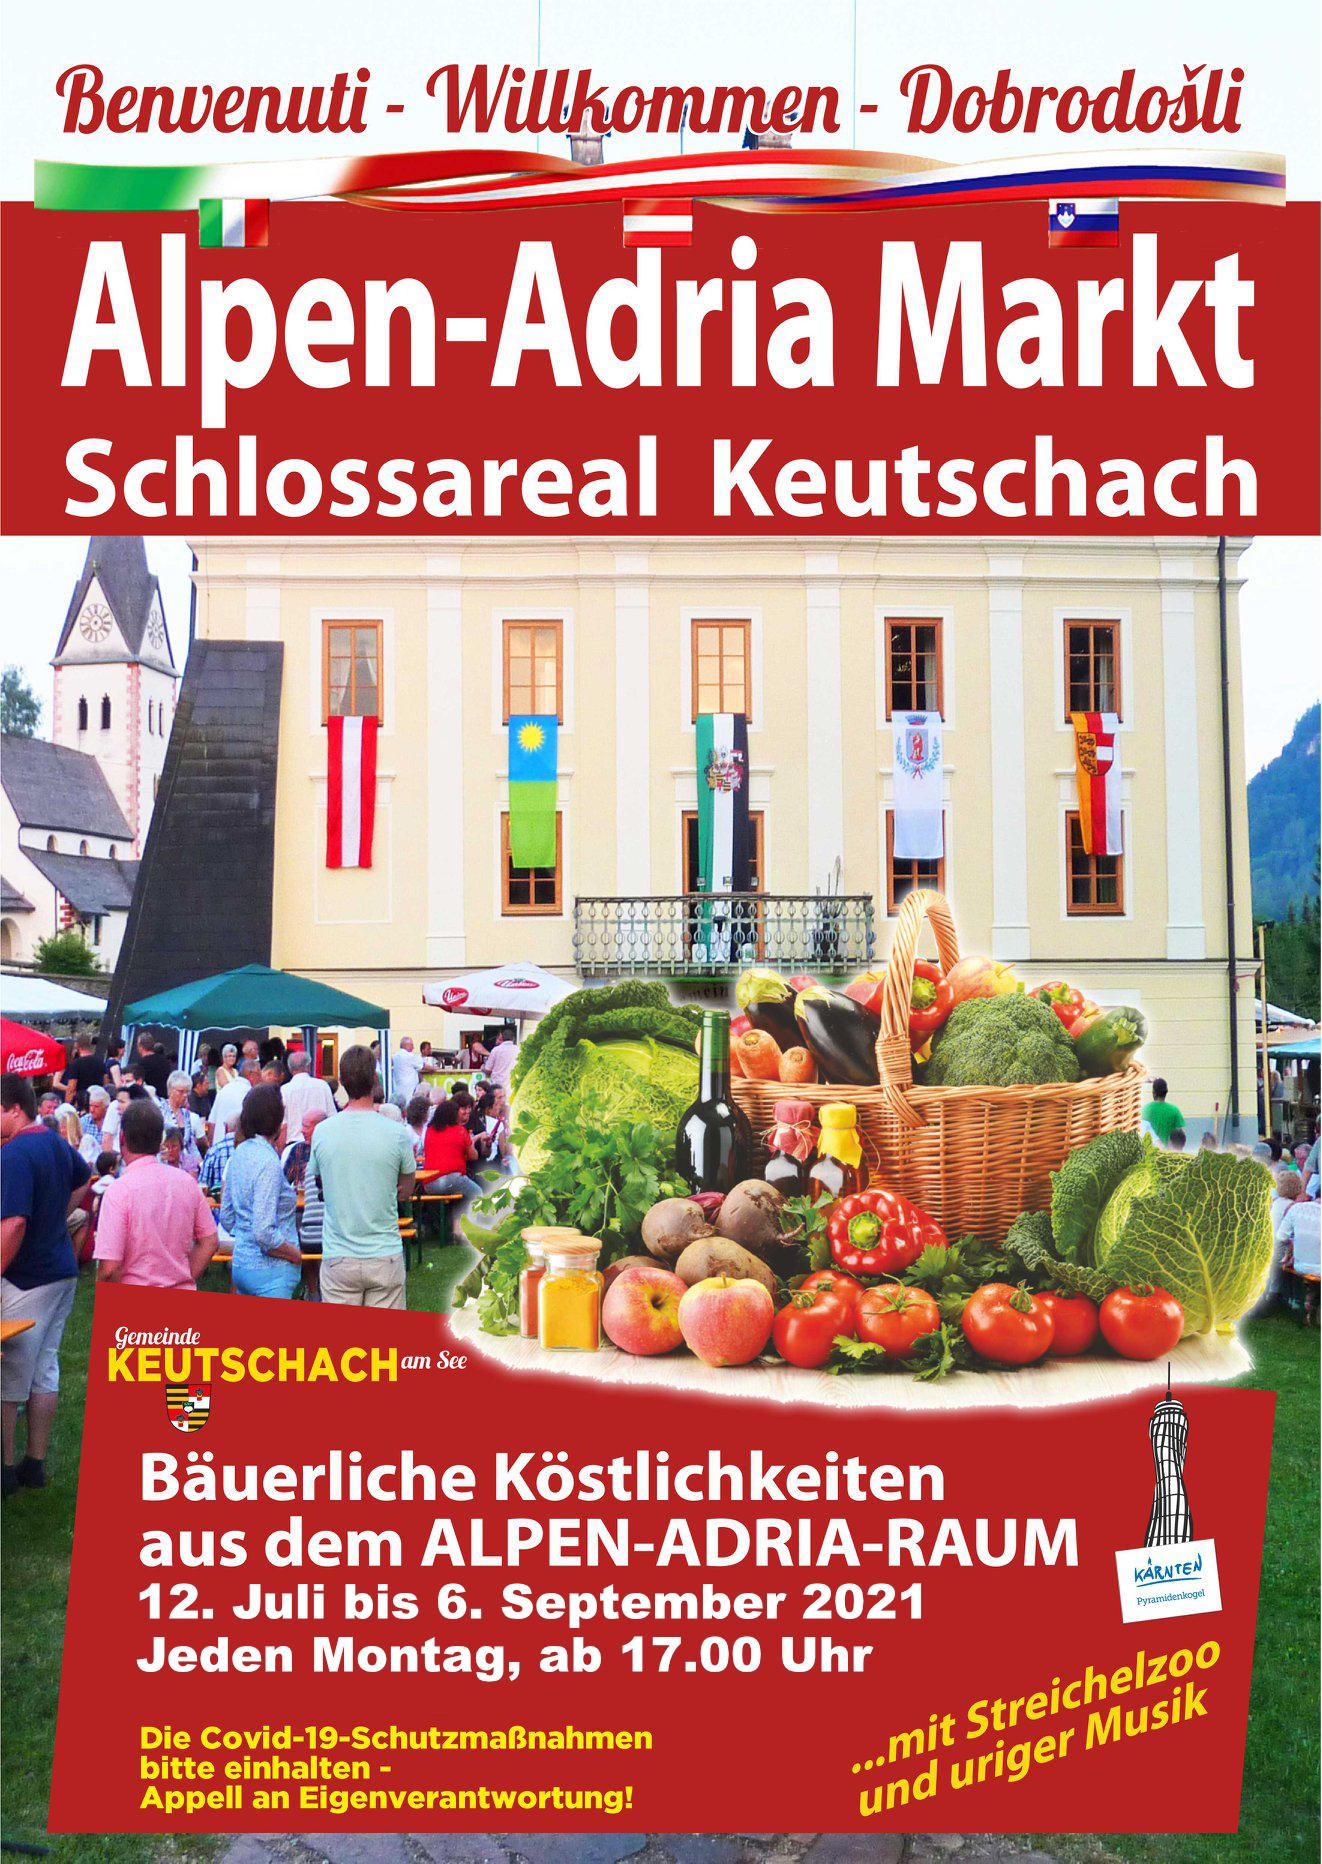 Plakat Alpen-Adria-Markt in Keutschach von 12. Juli bis 6. September jeden Montag ab 17 Uhr